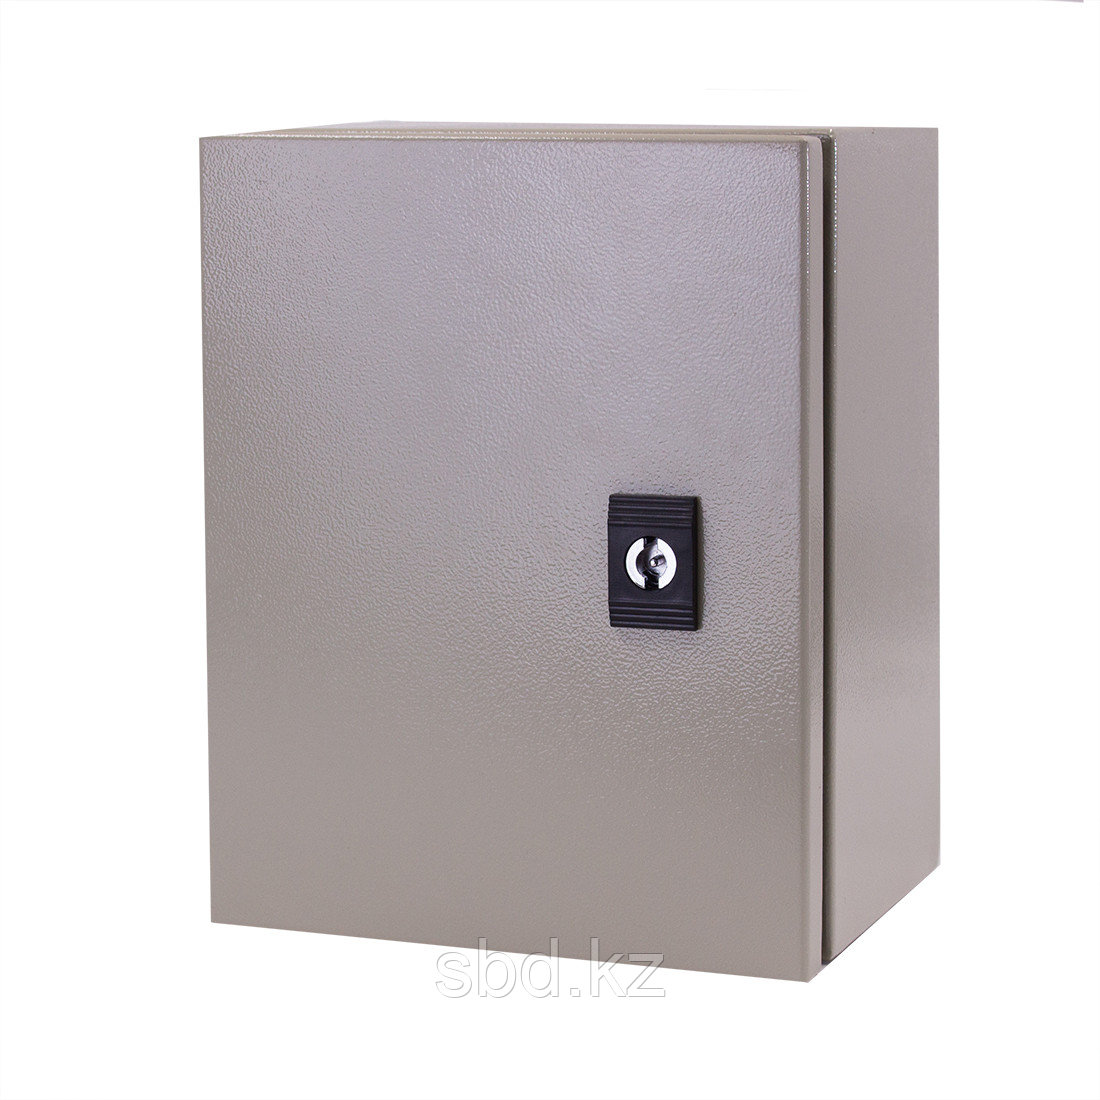 Настенный всепогодный шкаф, SHIP, OWB4-3-2, 400*300*200 мм, (В*Ш*Г), IP66, Серый